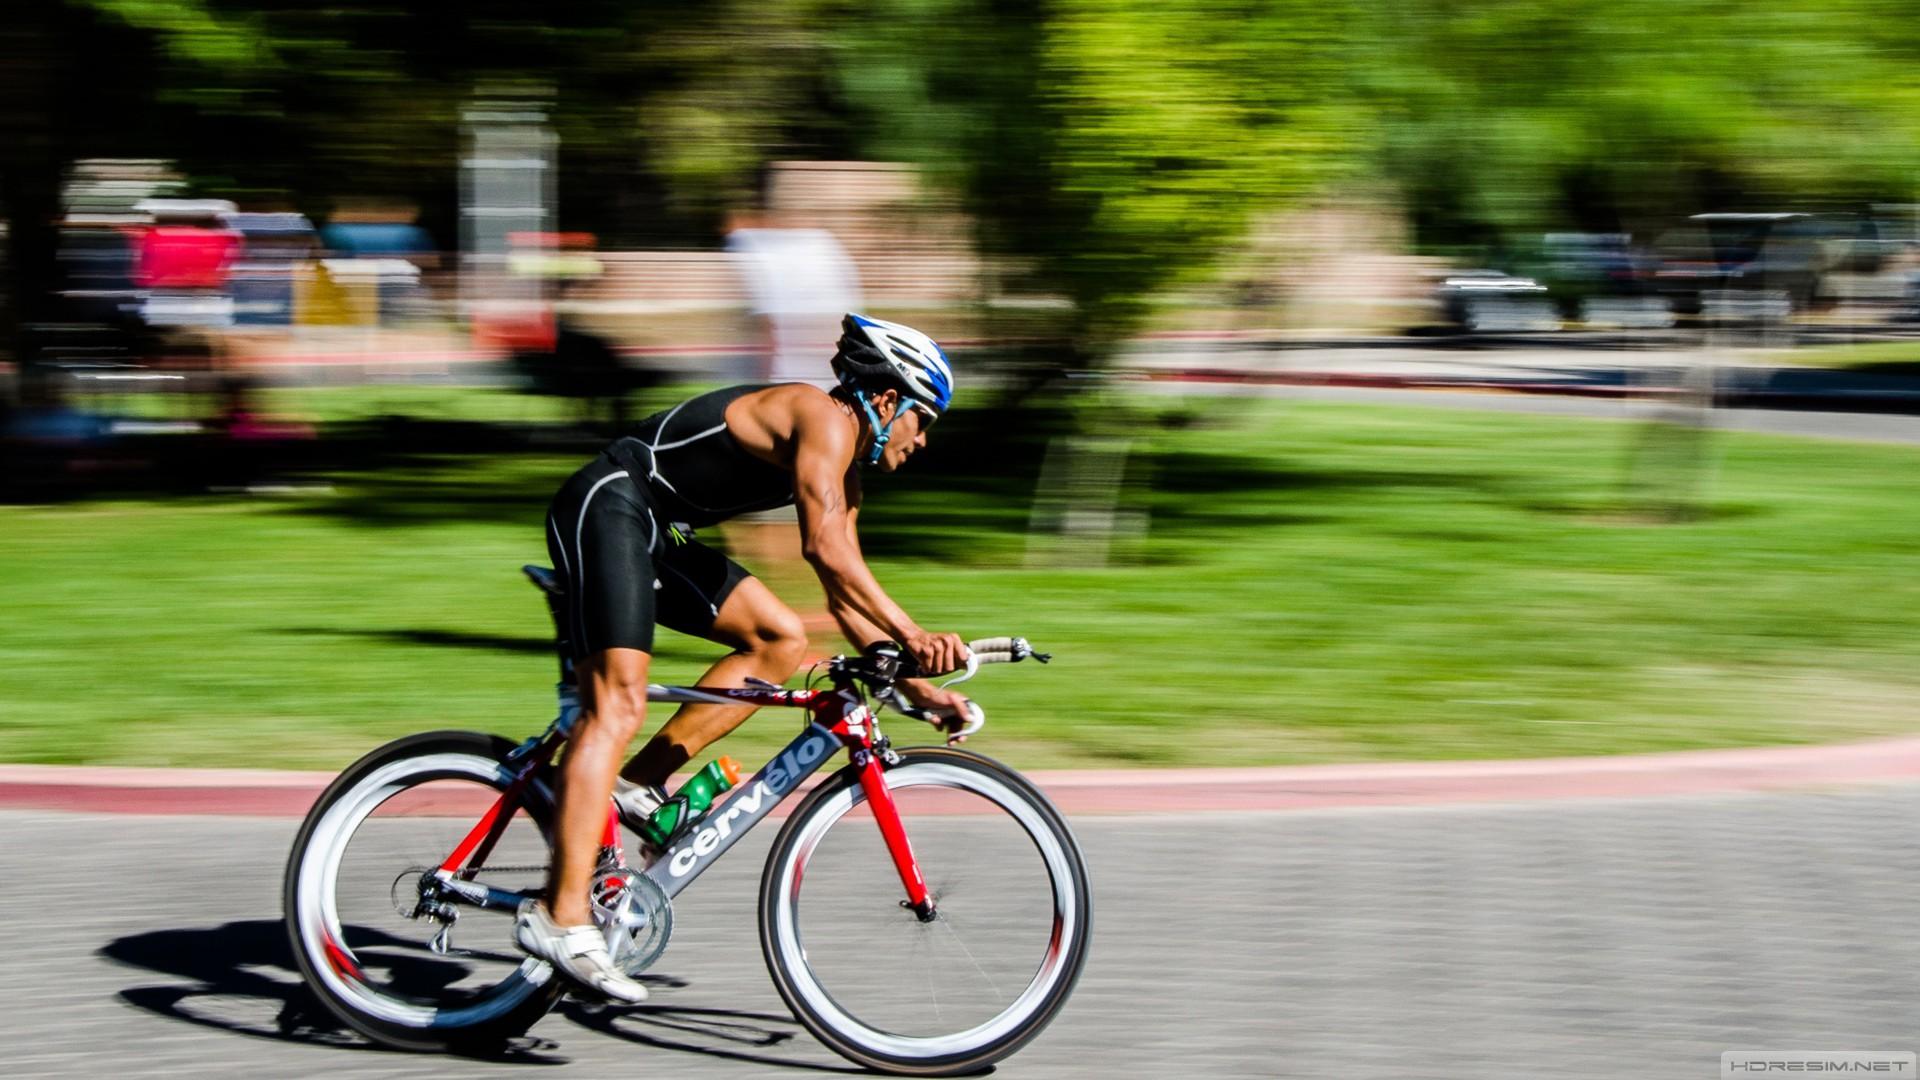 Bisiklet Sporuna Detaylı Bakış